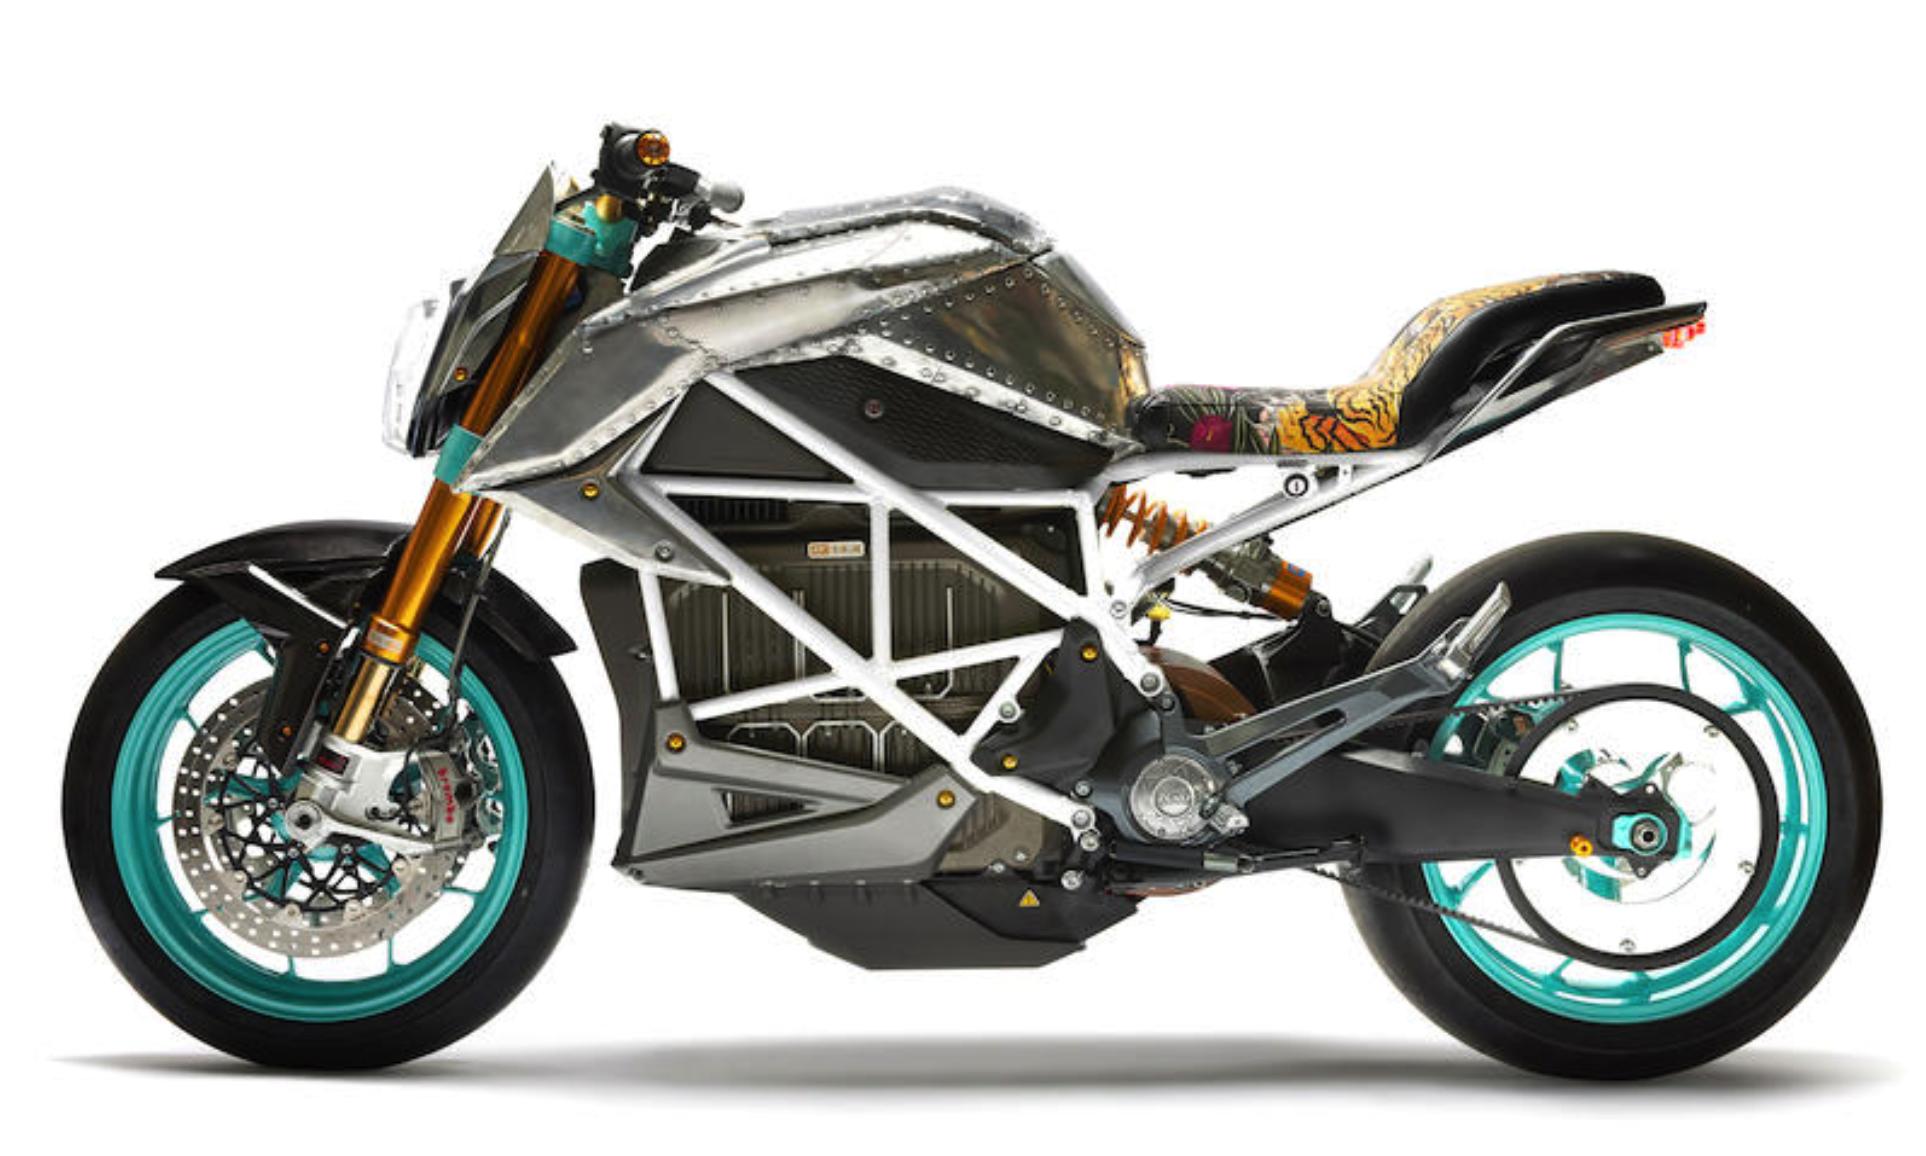 由 Tinker Hatfield 联合设计的定制款摩托车即将拍卖